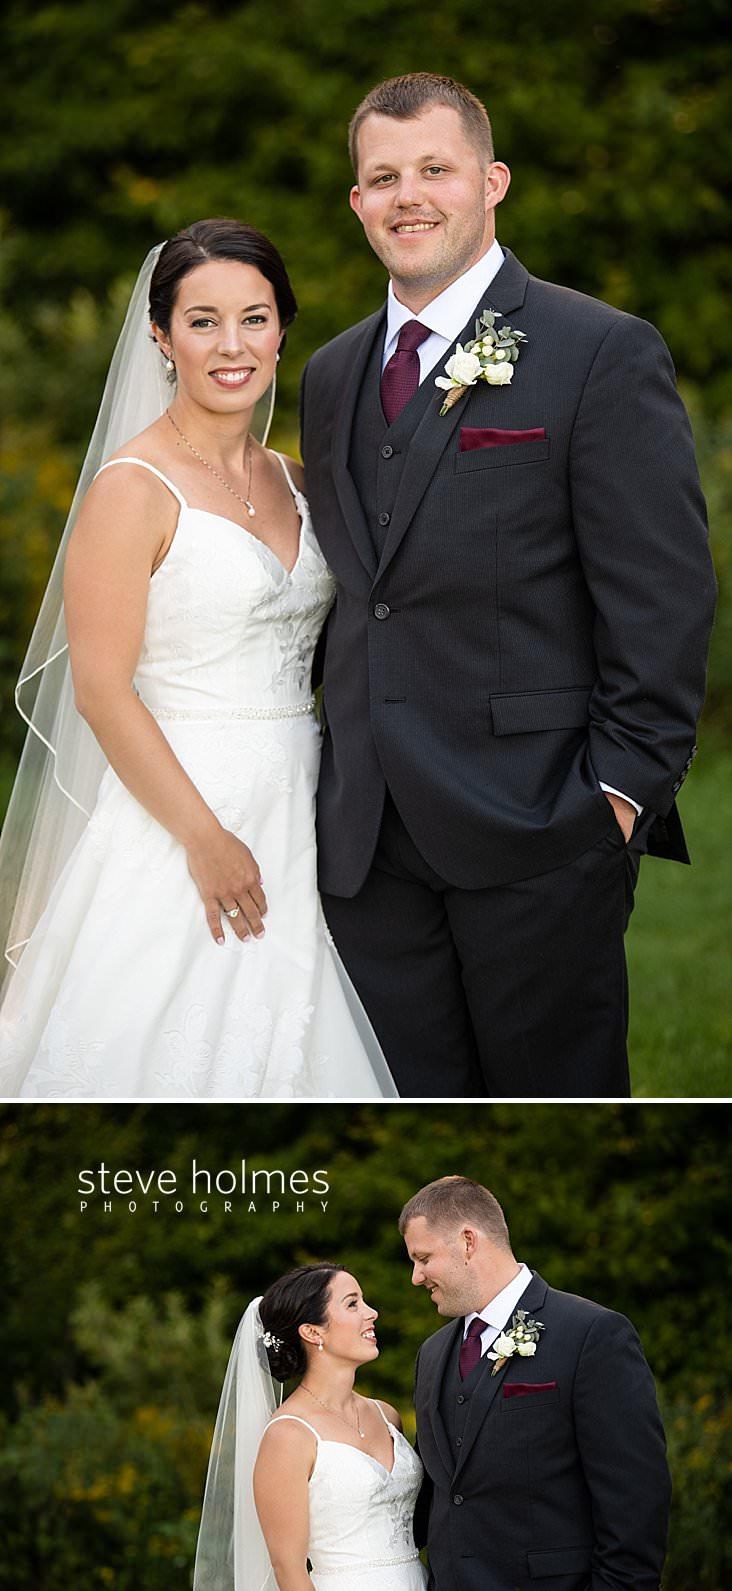 20_Outdoor portrait of bride and groom.jpg